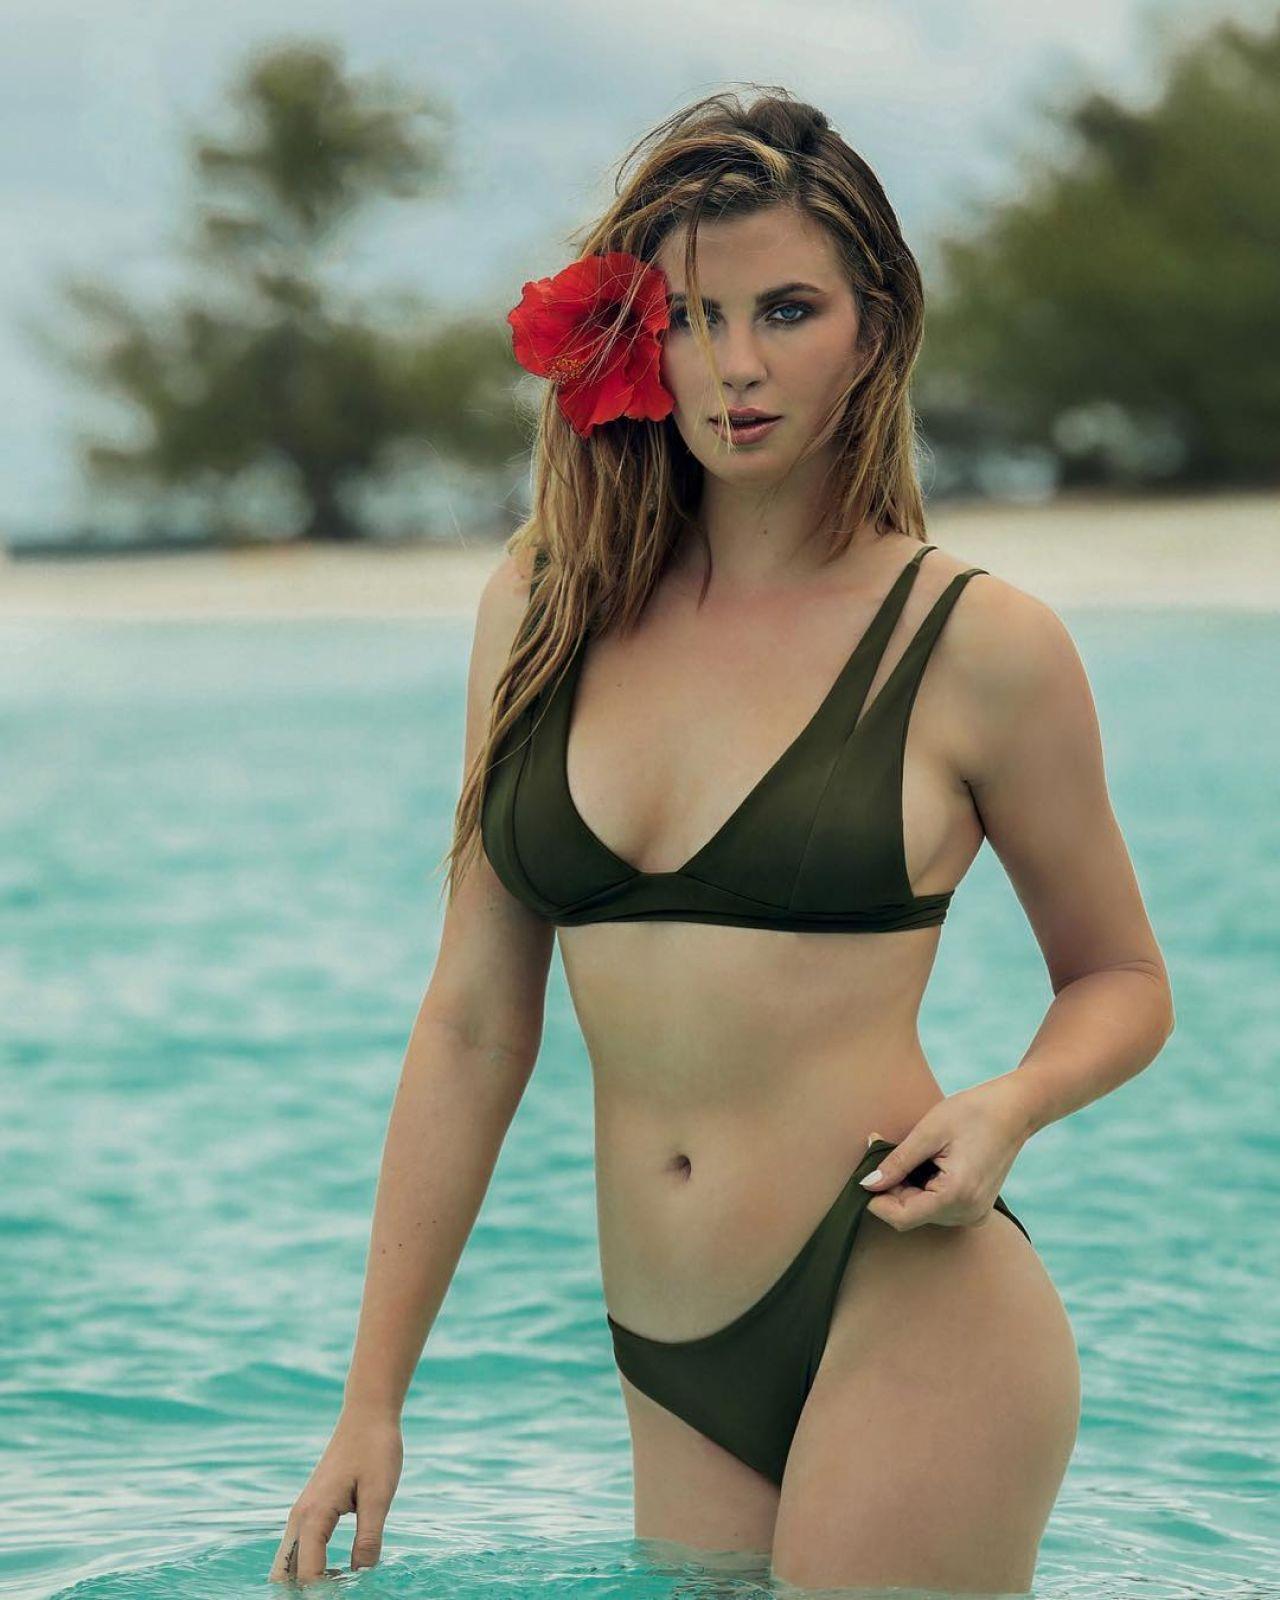 Combats des chixx #14 Ireland-baldwin-in-bikini-social-media-pics-07-11-2017-1